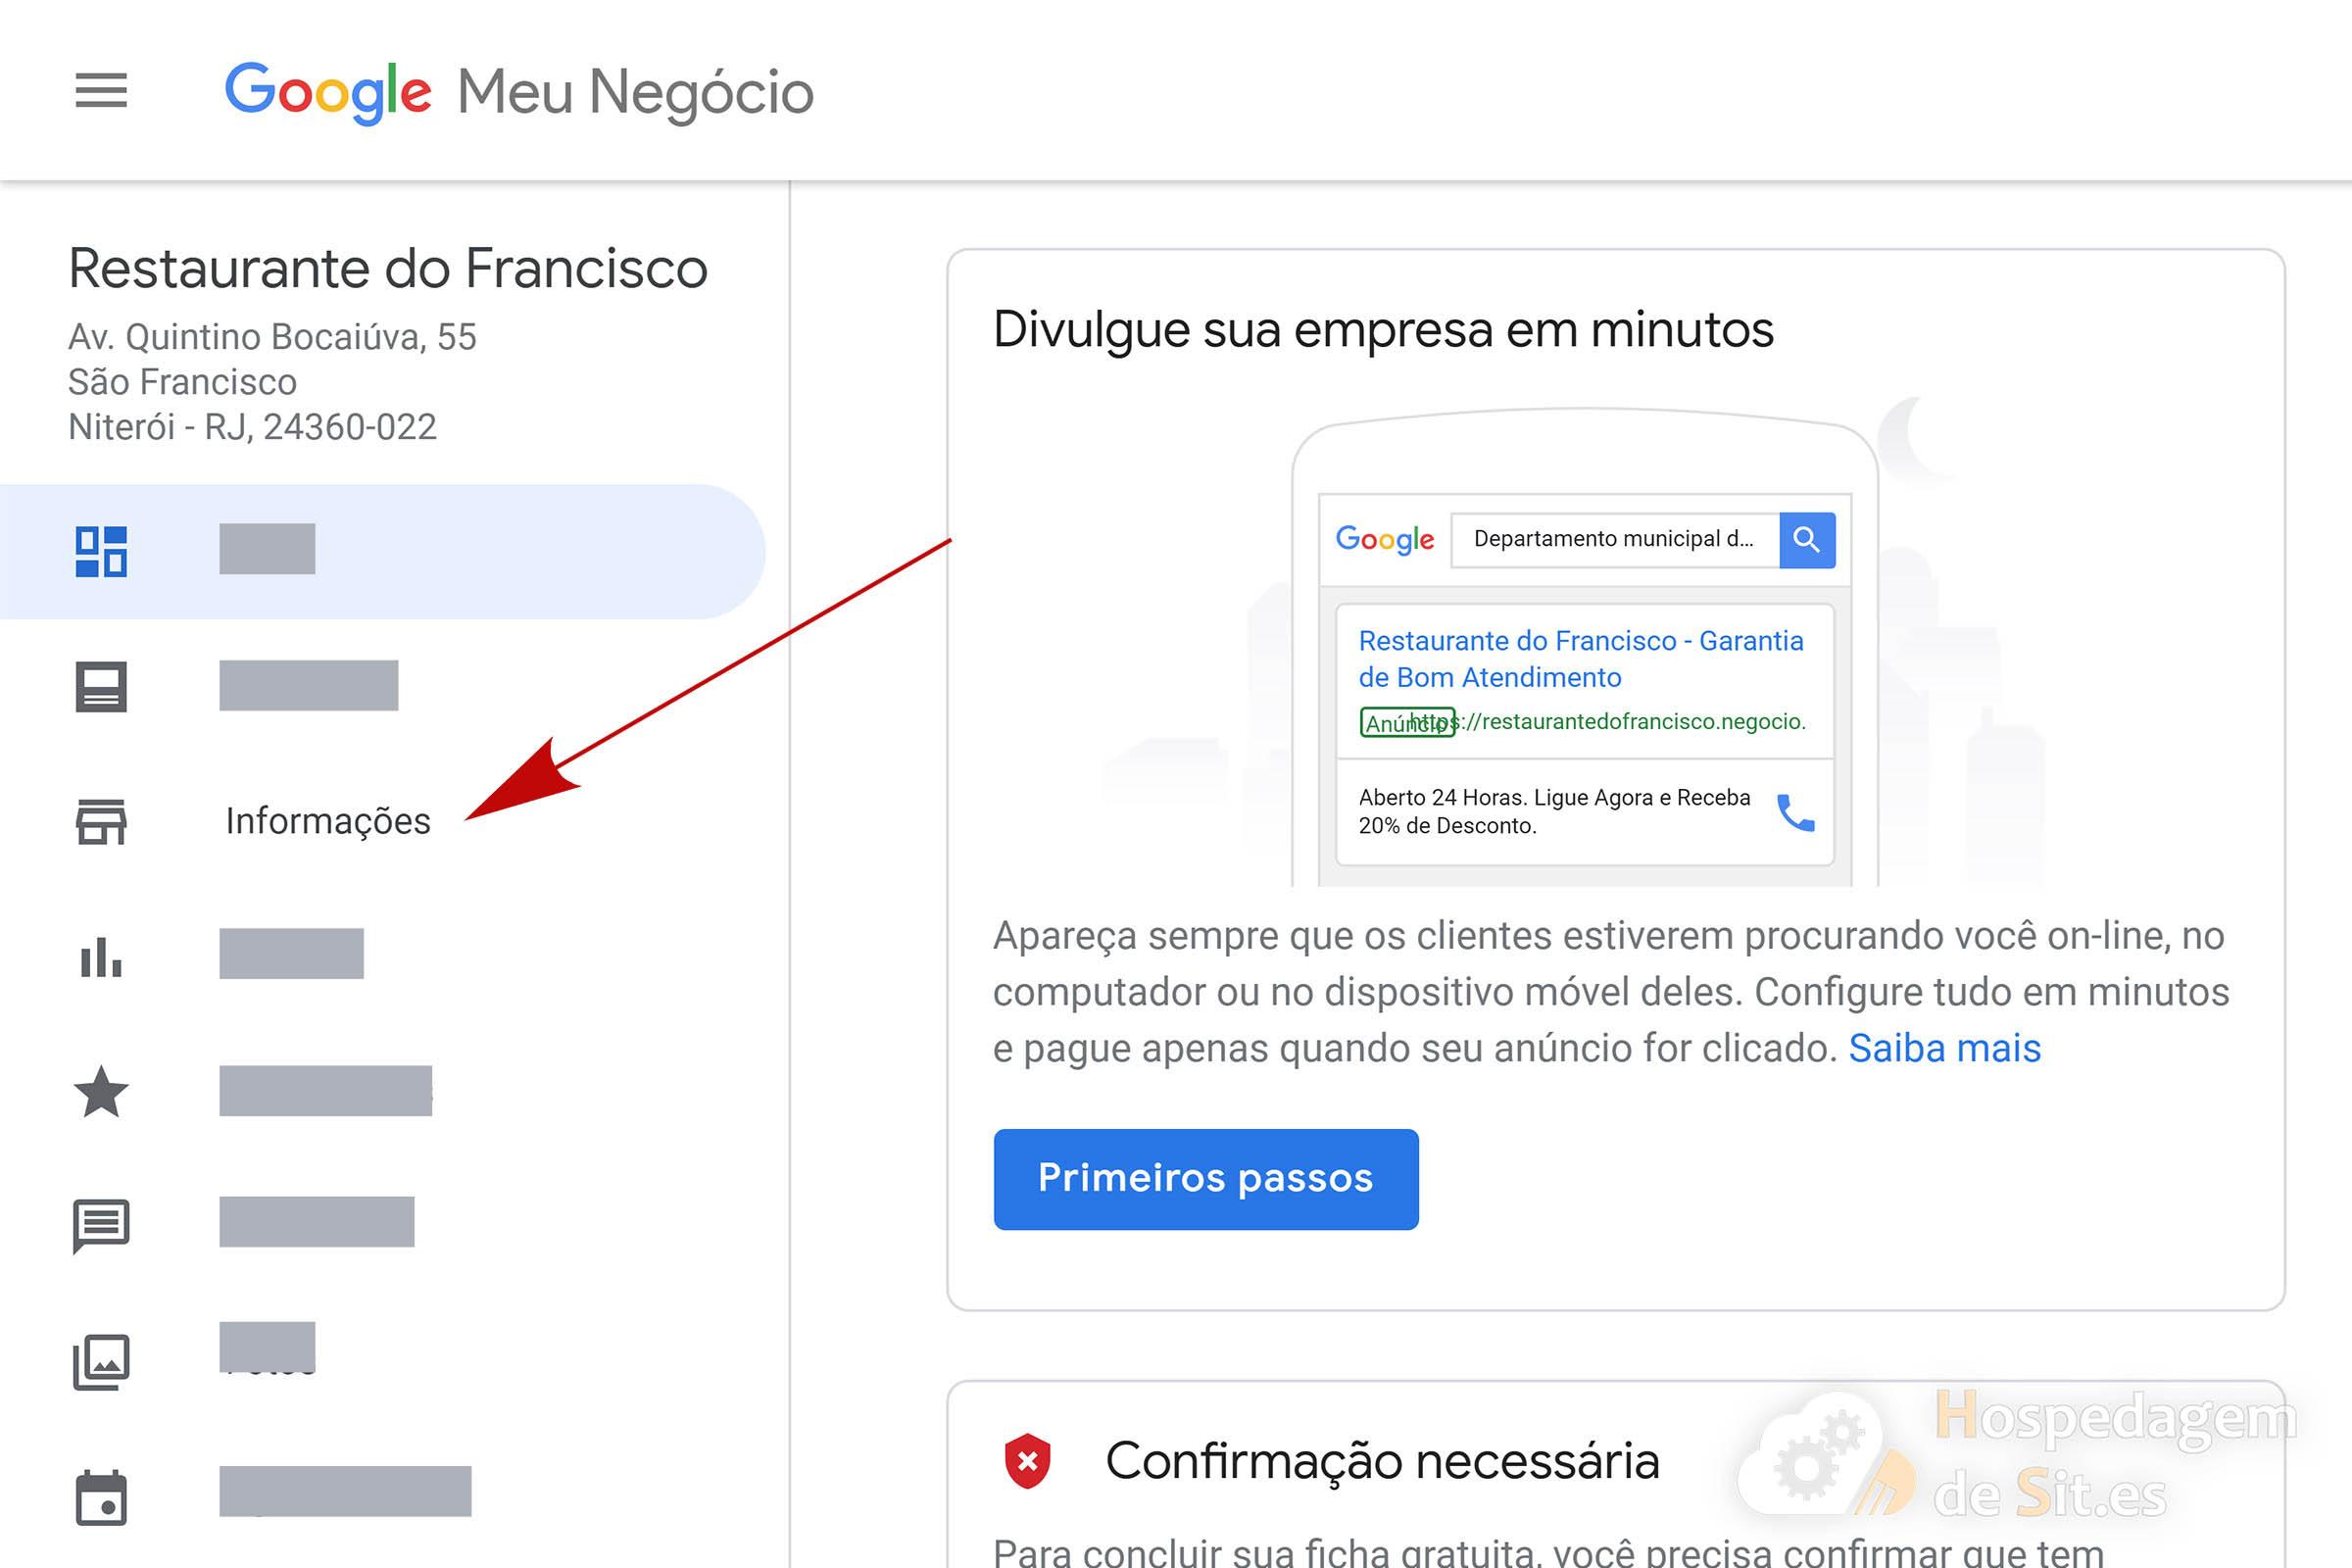 google meu negócio menu informações